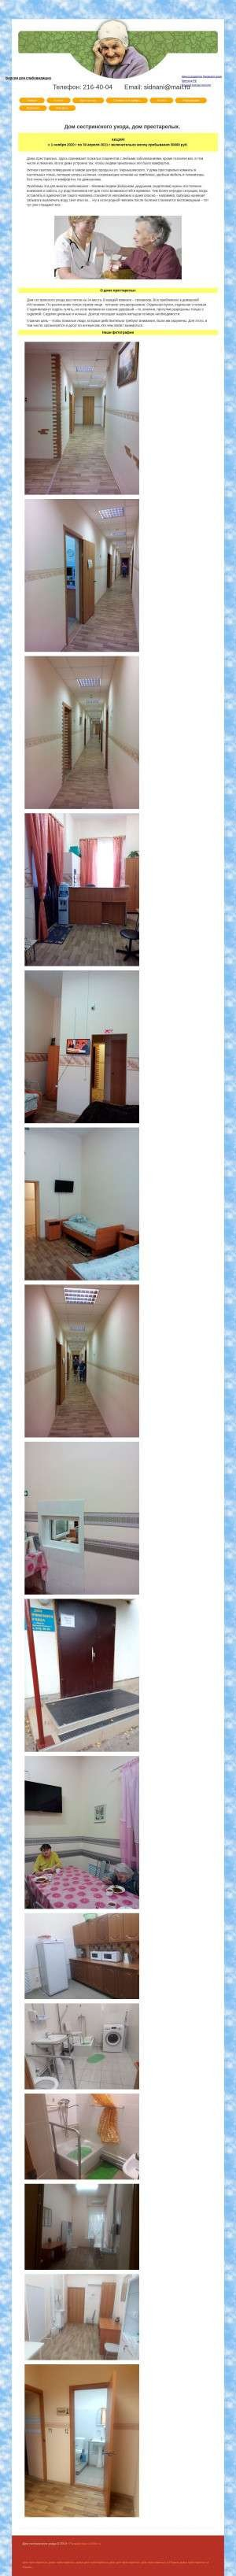 Предпросмотр для domsest.ru — Дом сестринского ухода